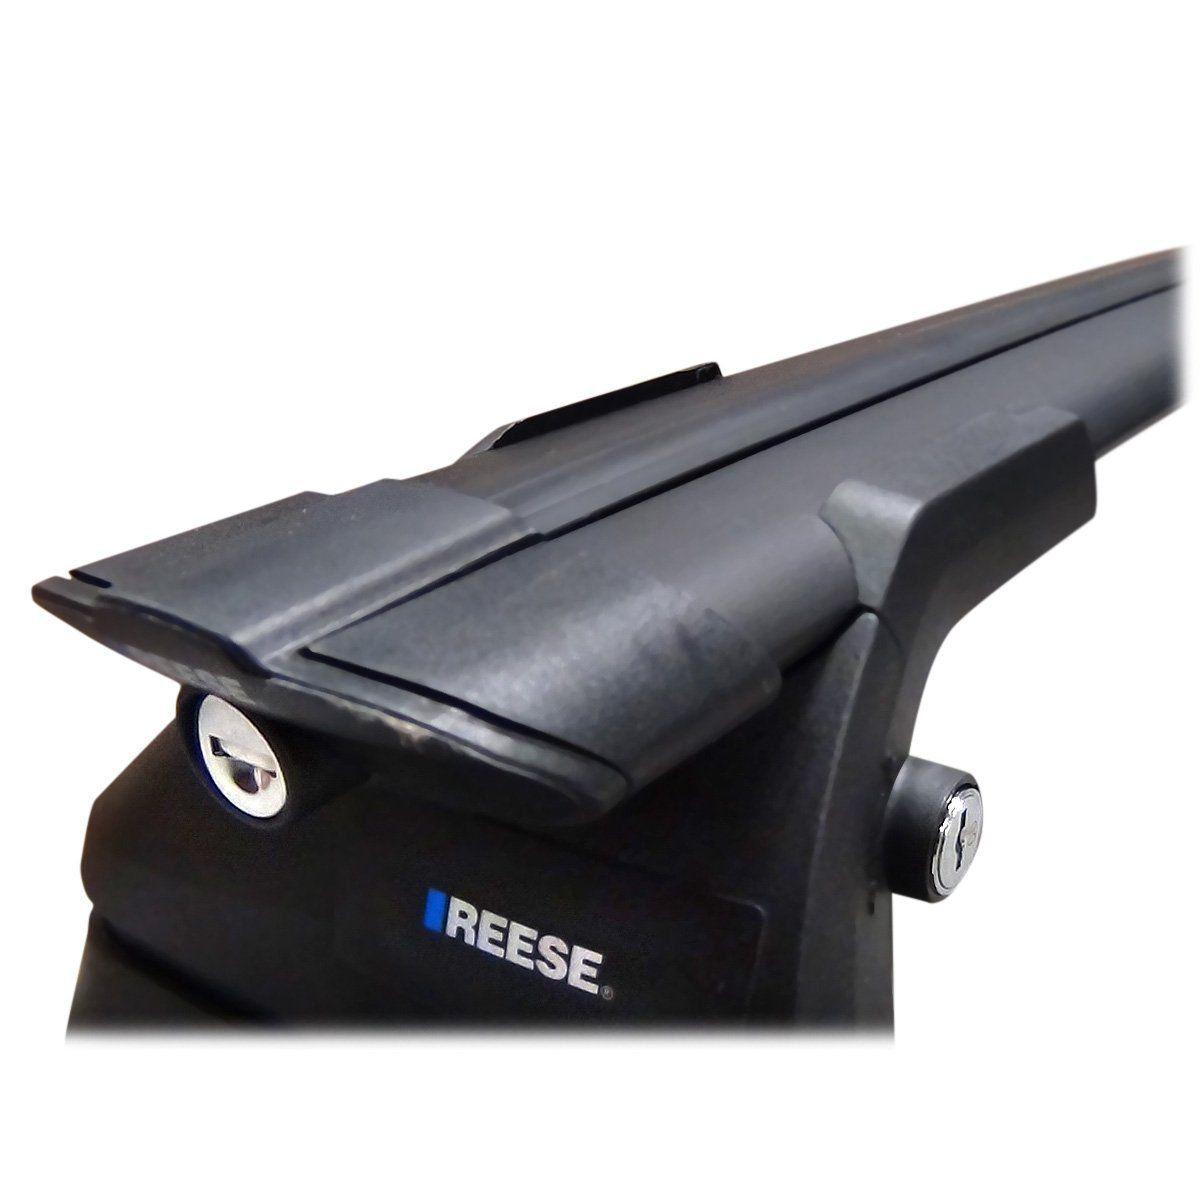 Rack de Teto Bagageiro Honda CR-V 12 a 14 Preto Reese Premium